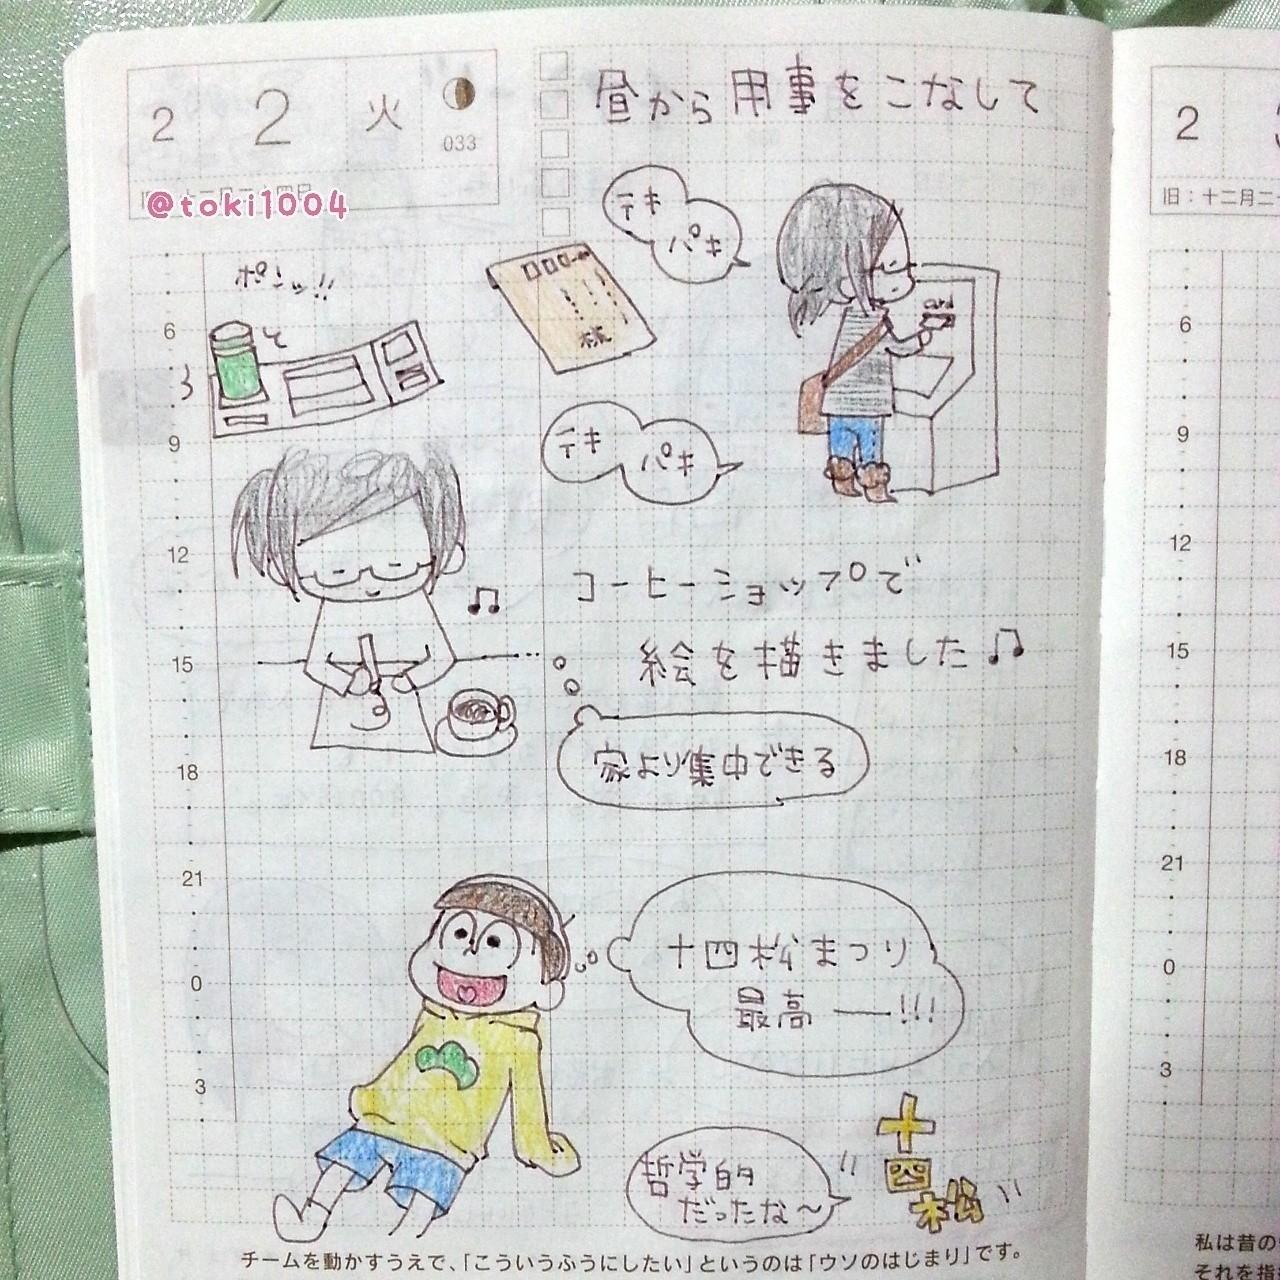 ほぼ日手帳 ほぼ日 手帳 イラストエッセイ コミックエッセイ 絵日記